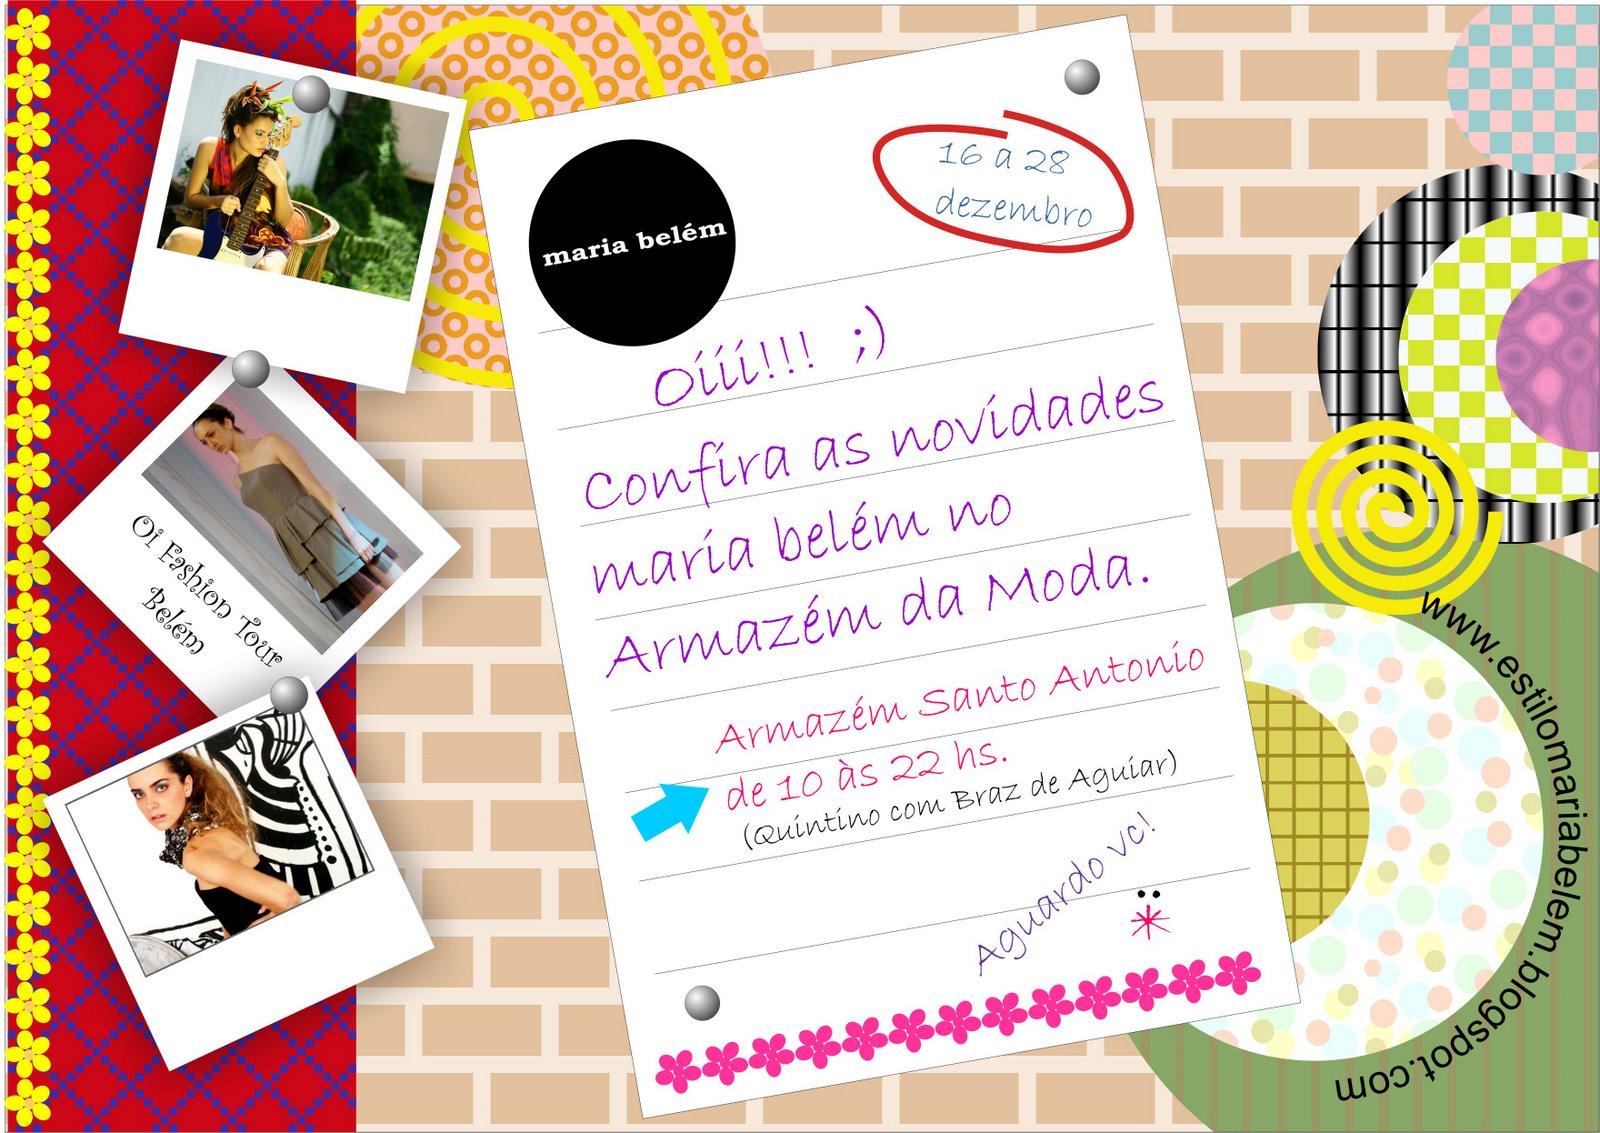 [convite_armazem2.jpg]